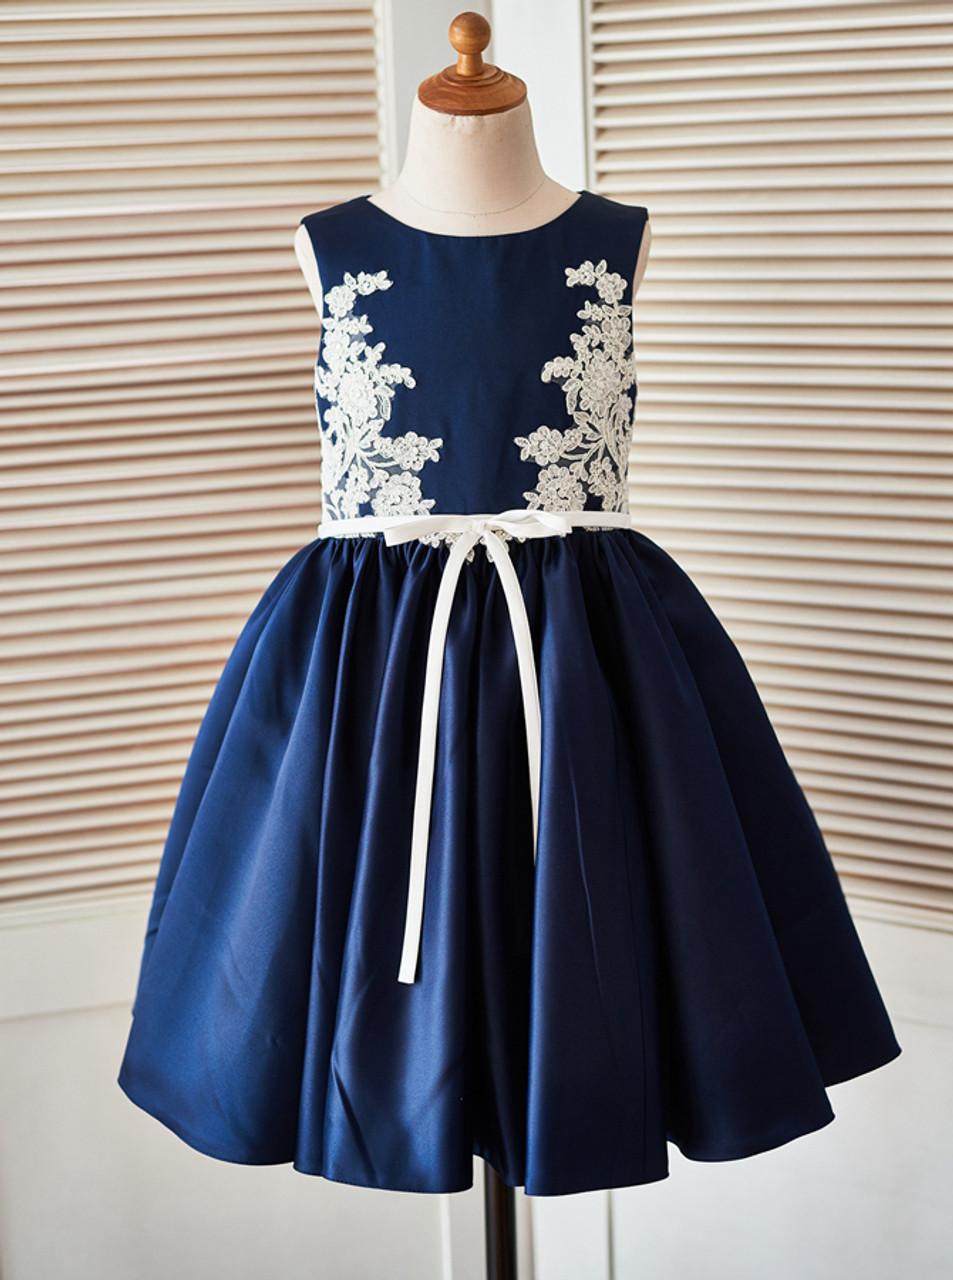 2475441f3 Dark Navy Flower Girl Dresses,Satin Girl Party Dress,11825 - Landress.co.uk